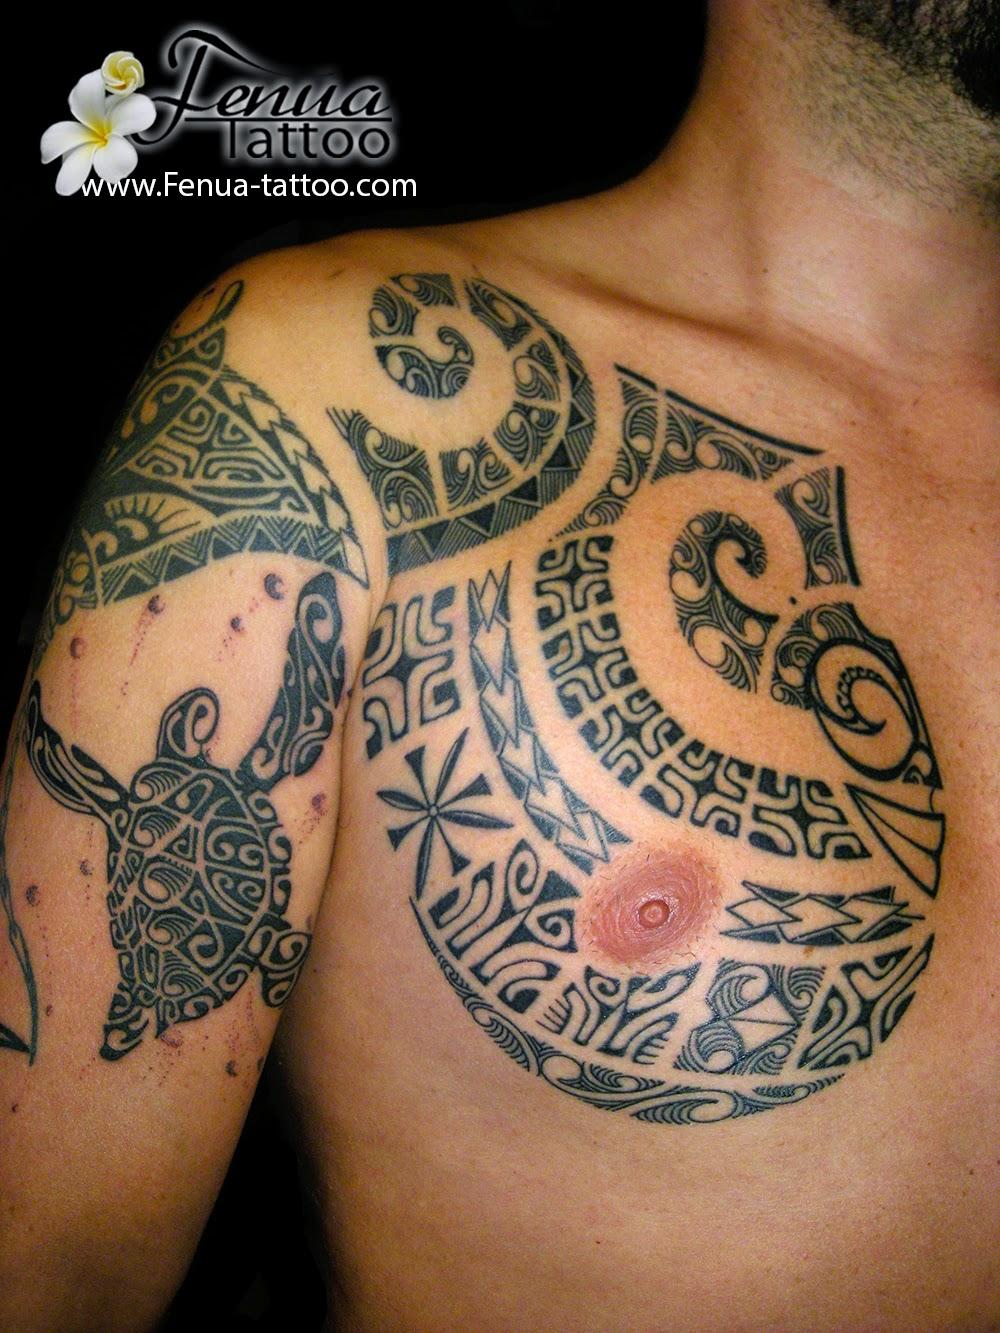 Tatouage Épaule Homme dedans tatouage polynésien tortue homme | tahiti tattoo spécialiste du